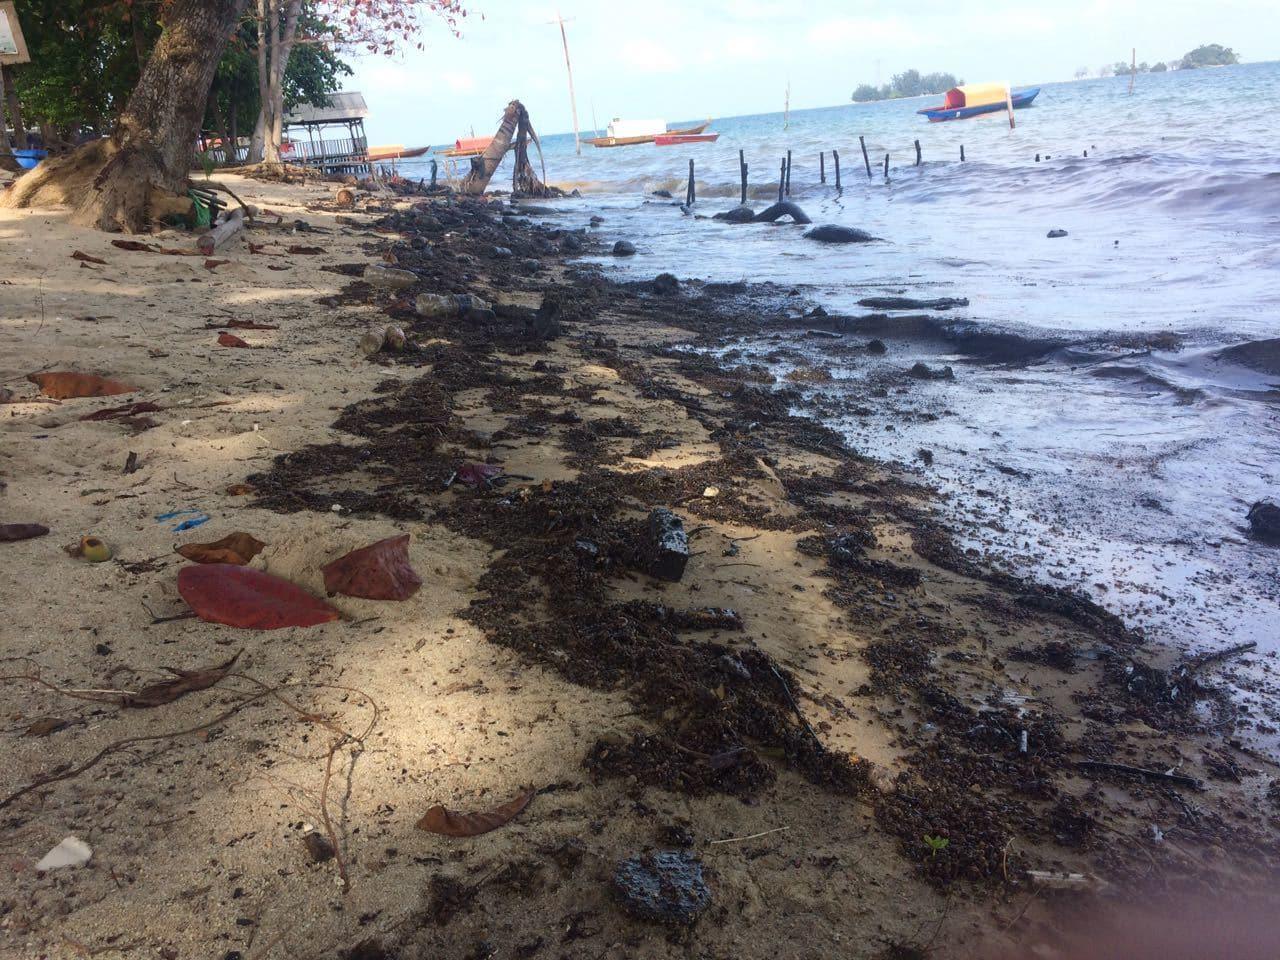 Antisipasi Gagal Klaim Ganti Rugi, Kemenko Maritim Sosialisasikan SOP Penanganan Tumpahan Minyak